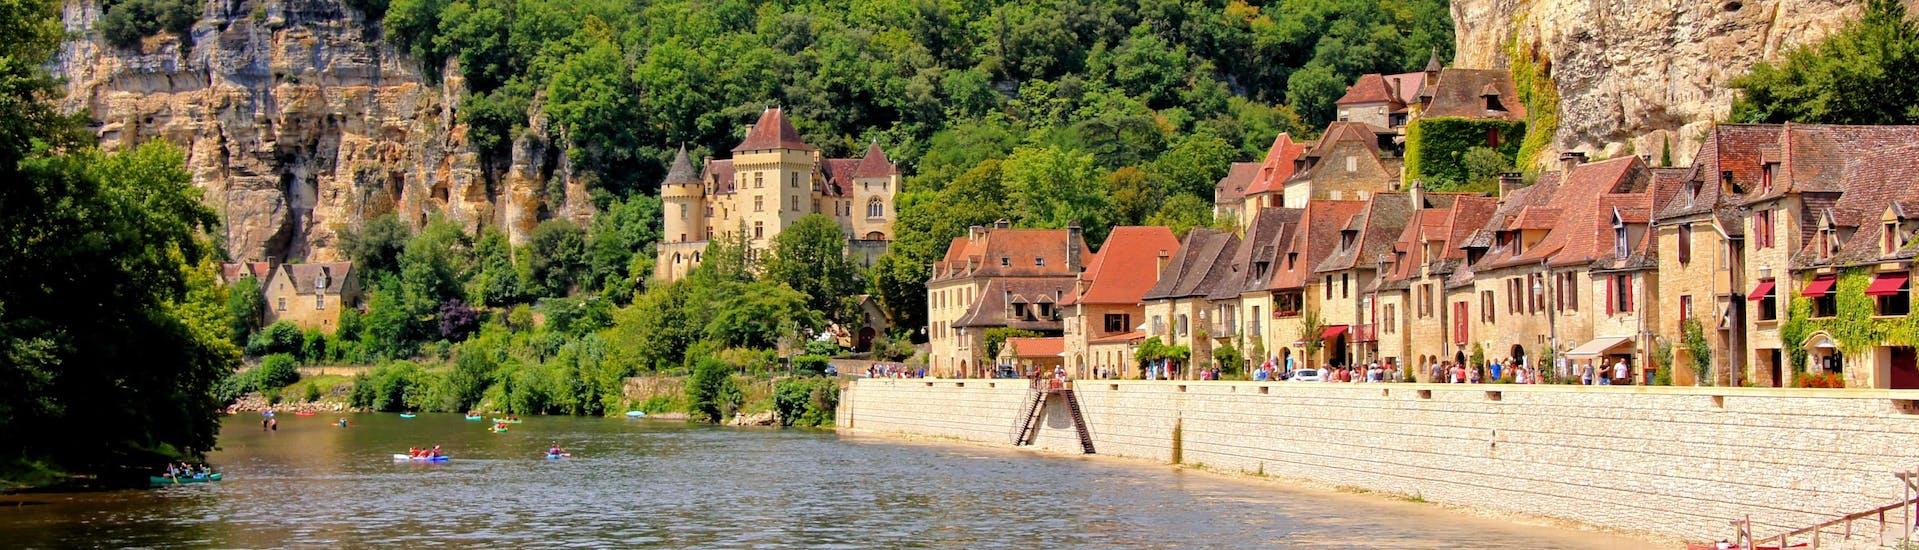 Belle vue du village de La Roque-Gageac sur la rivière Dordogne sur laquelle les touristes font du canoë pendant l'été.